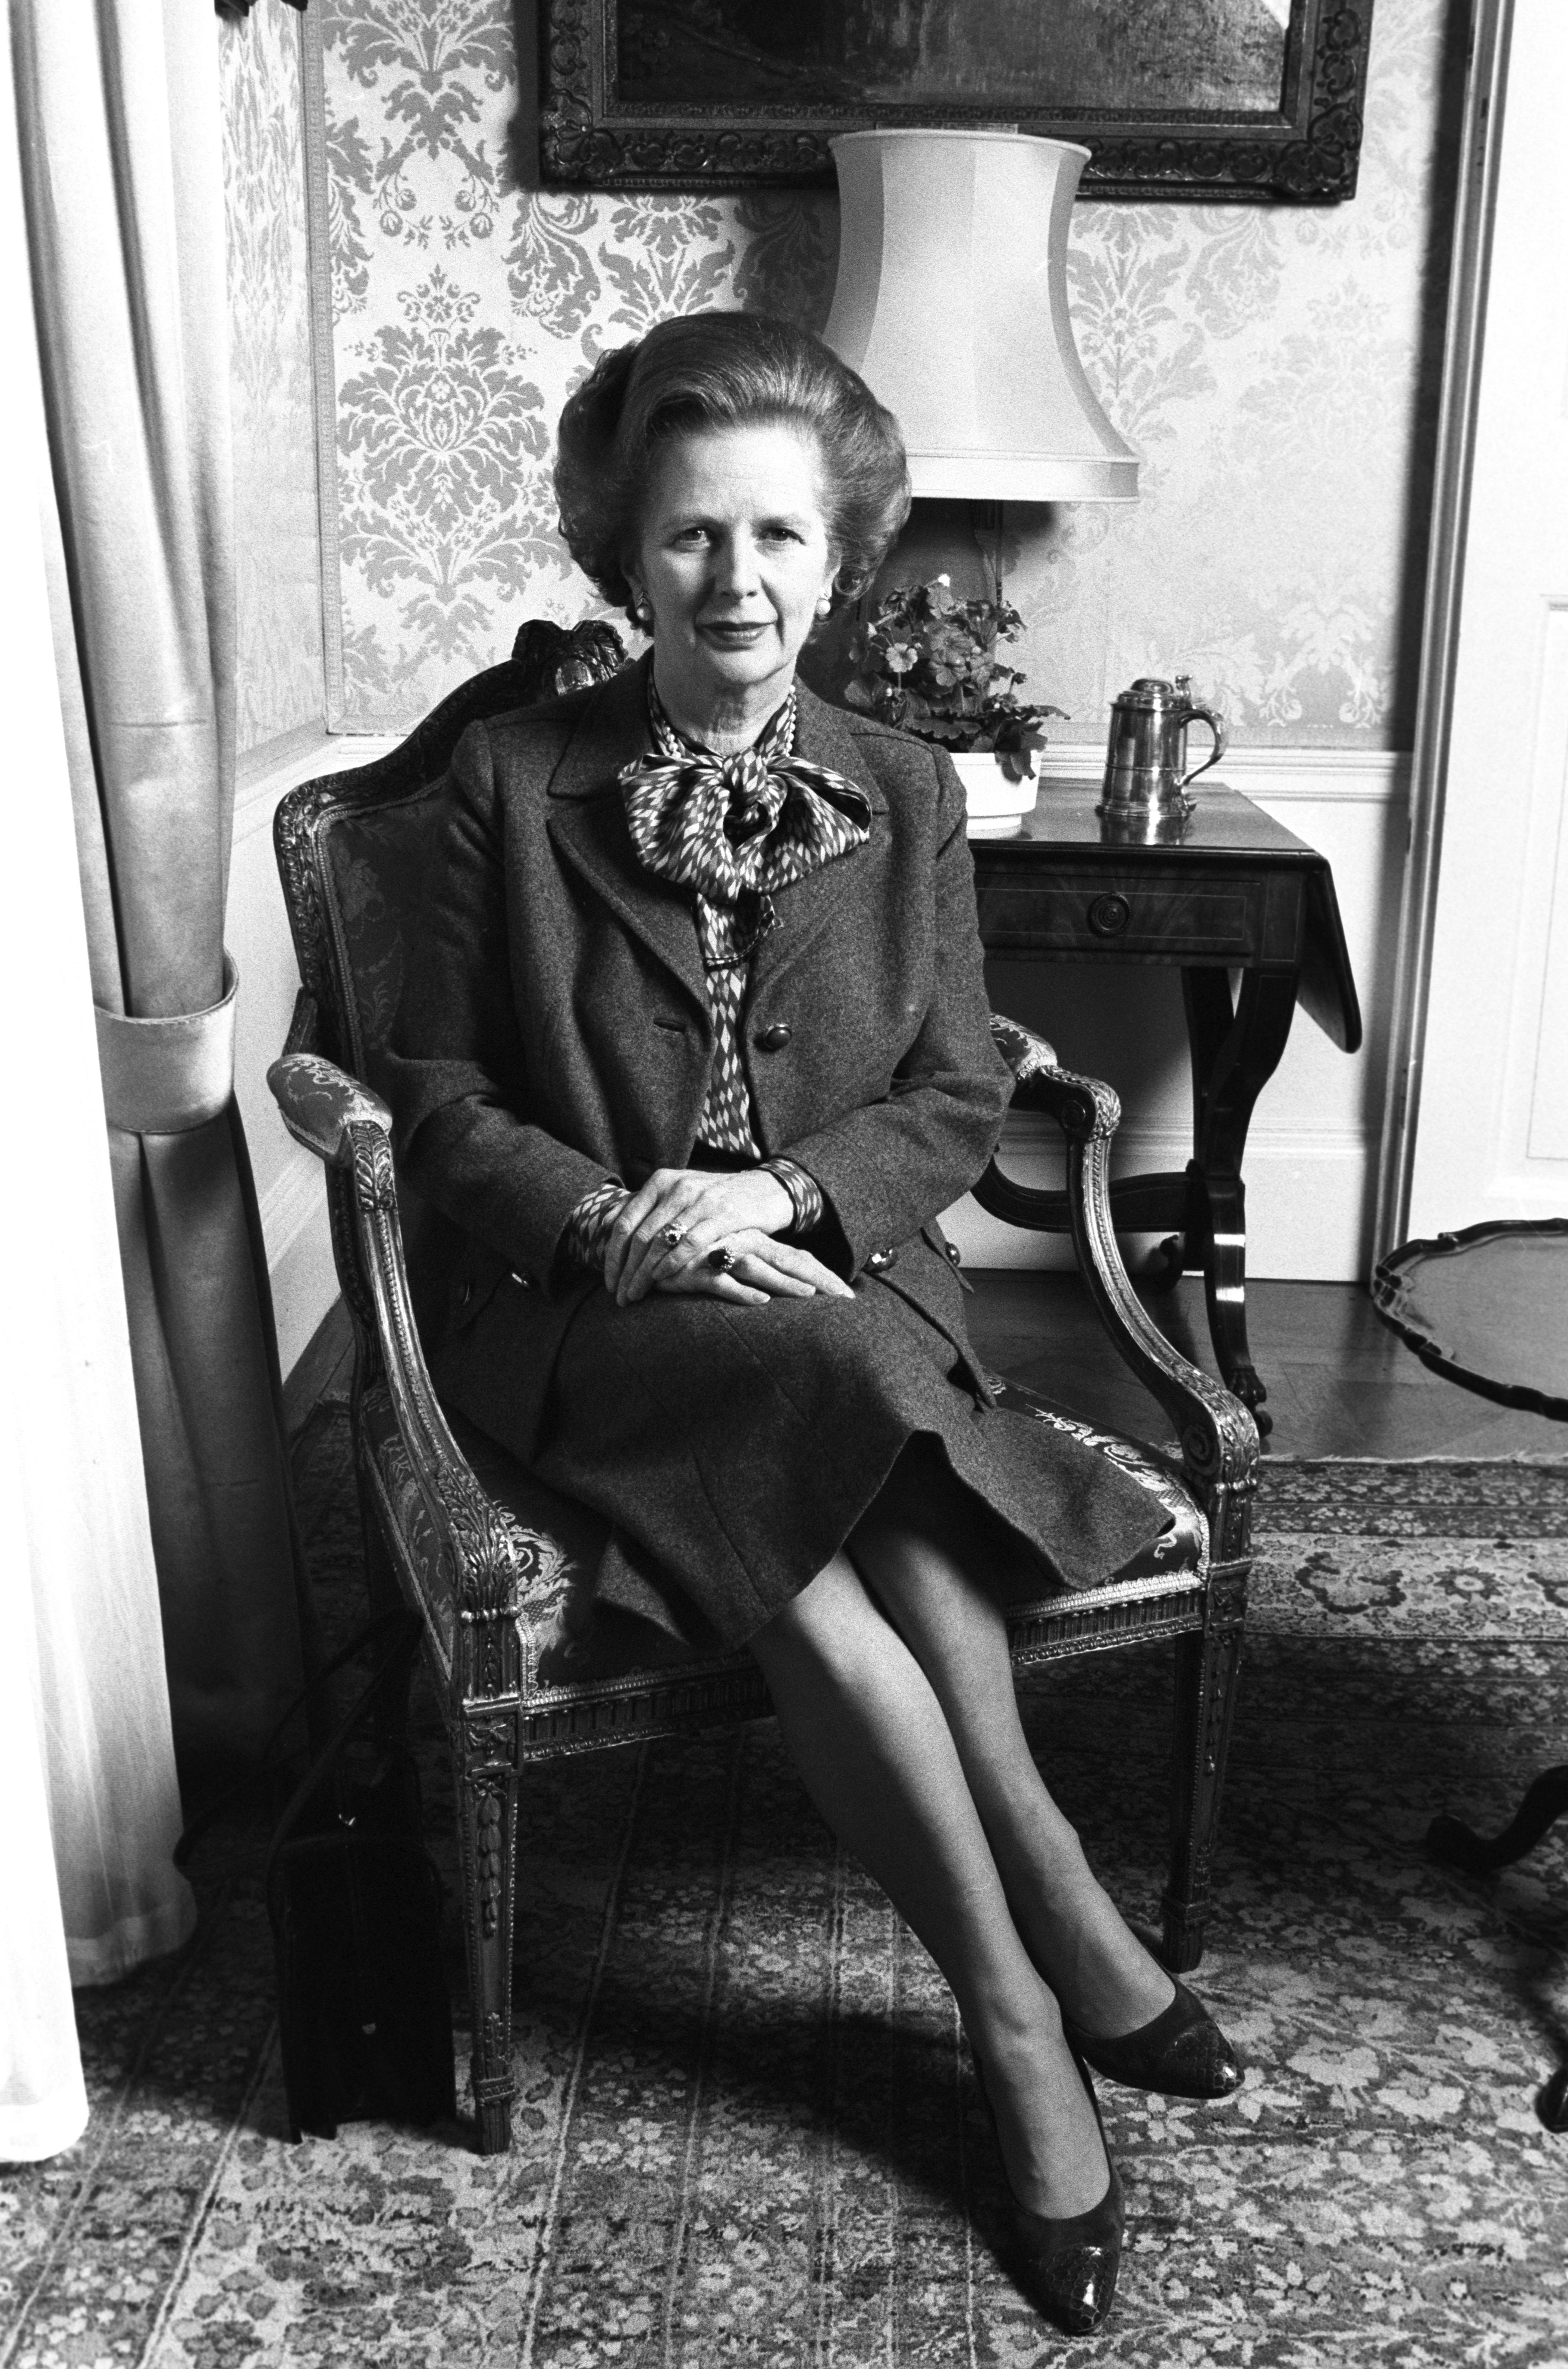 <p>Първата жена-премиер на Обединеното кралство. Известна като &quot;желязната дама&quot;, Маргарет Тачър е не само политически лидер, но и икона за стил и класа.</p>